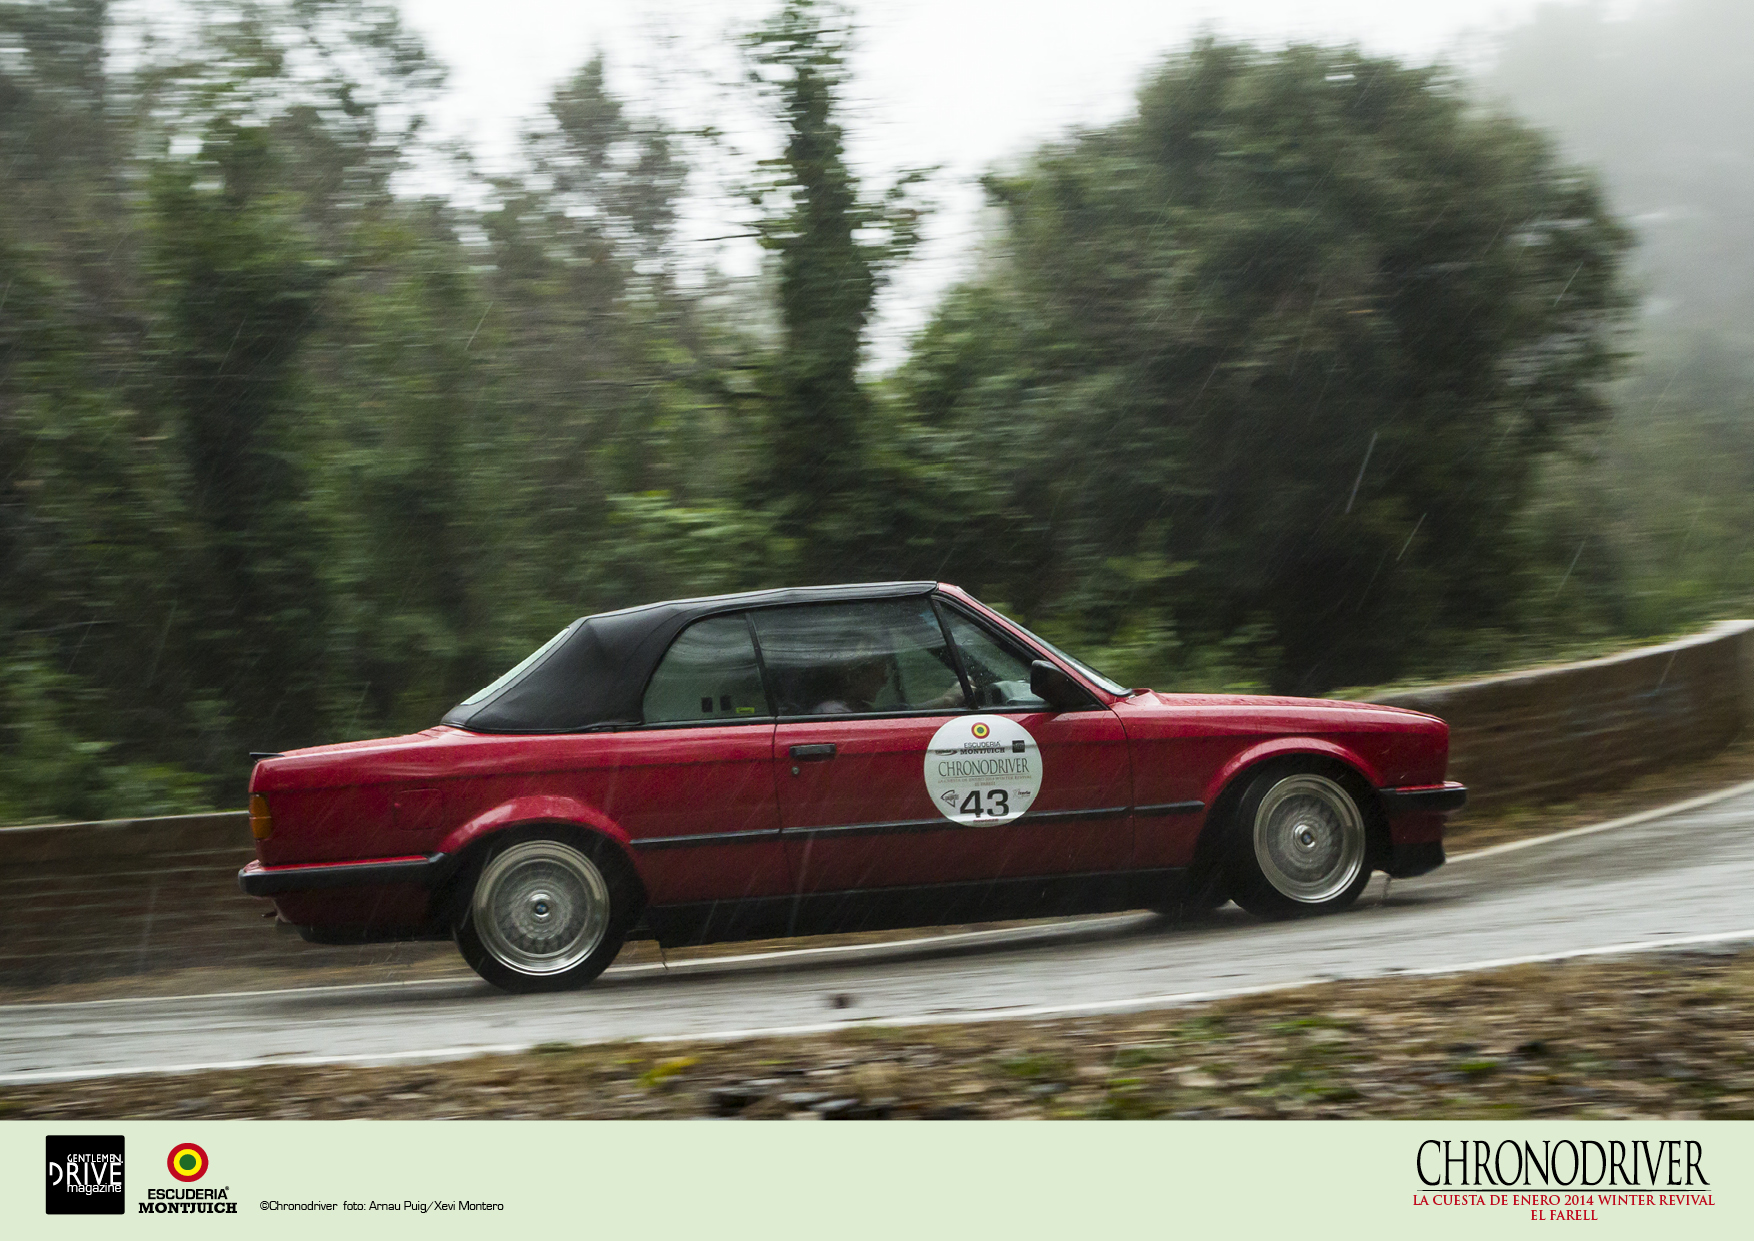 CHDW2014-#43